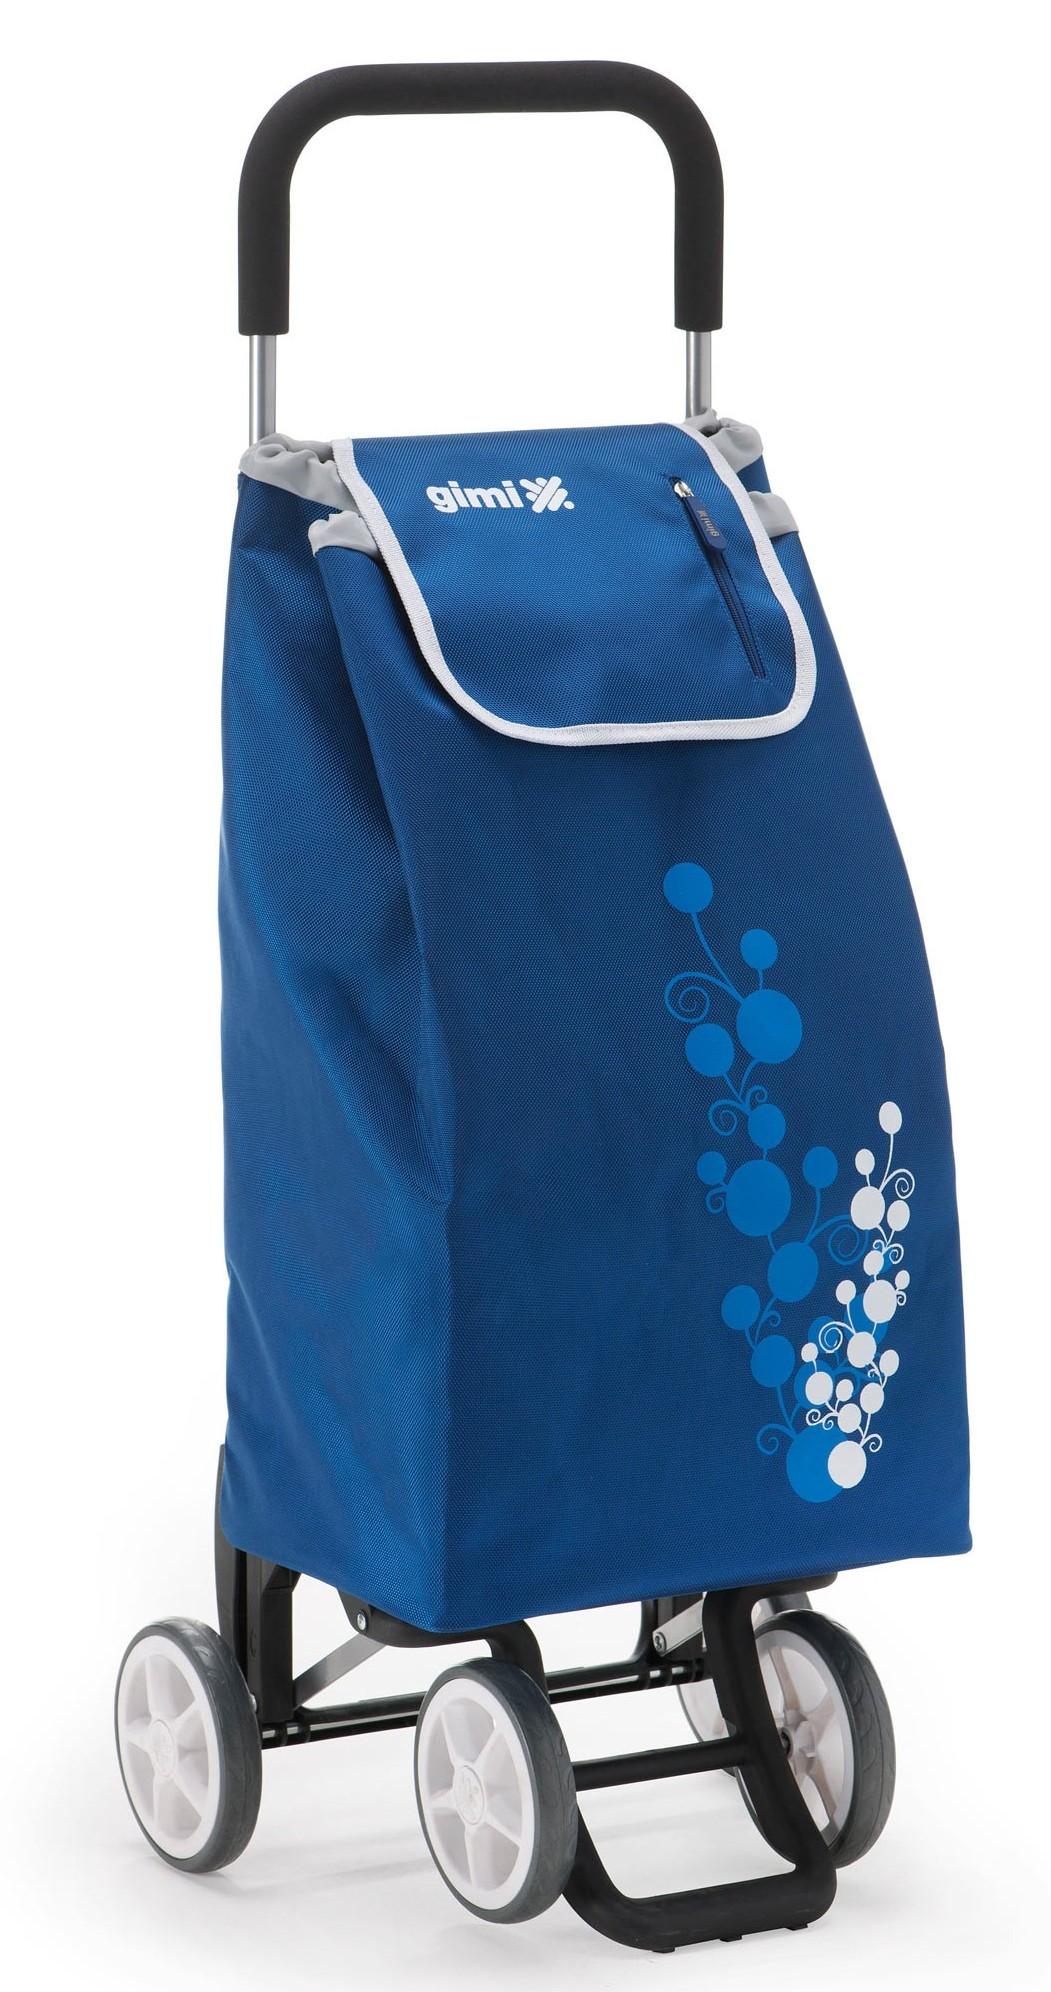 1dcd9cac4ecd Gimi Twin – купить сумку дорожную, сравнение цен интернет-магазинов ...